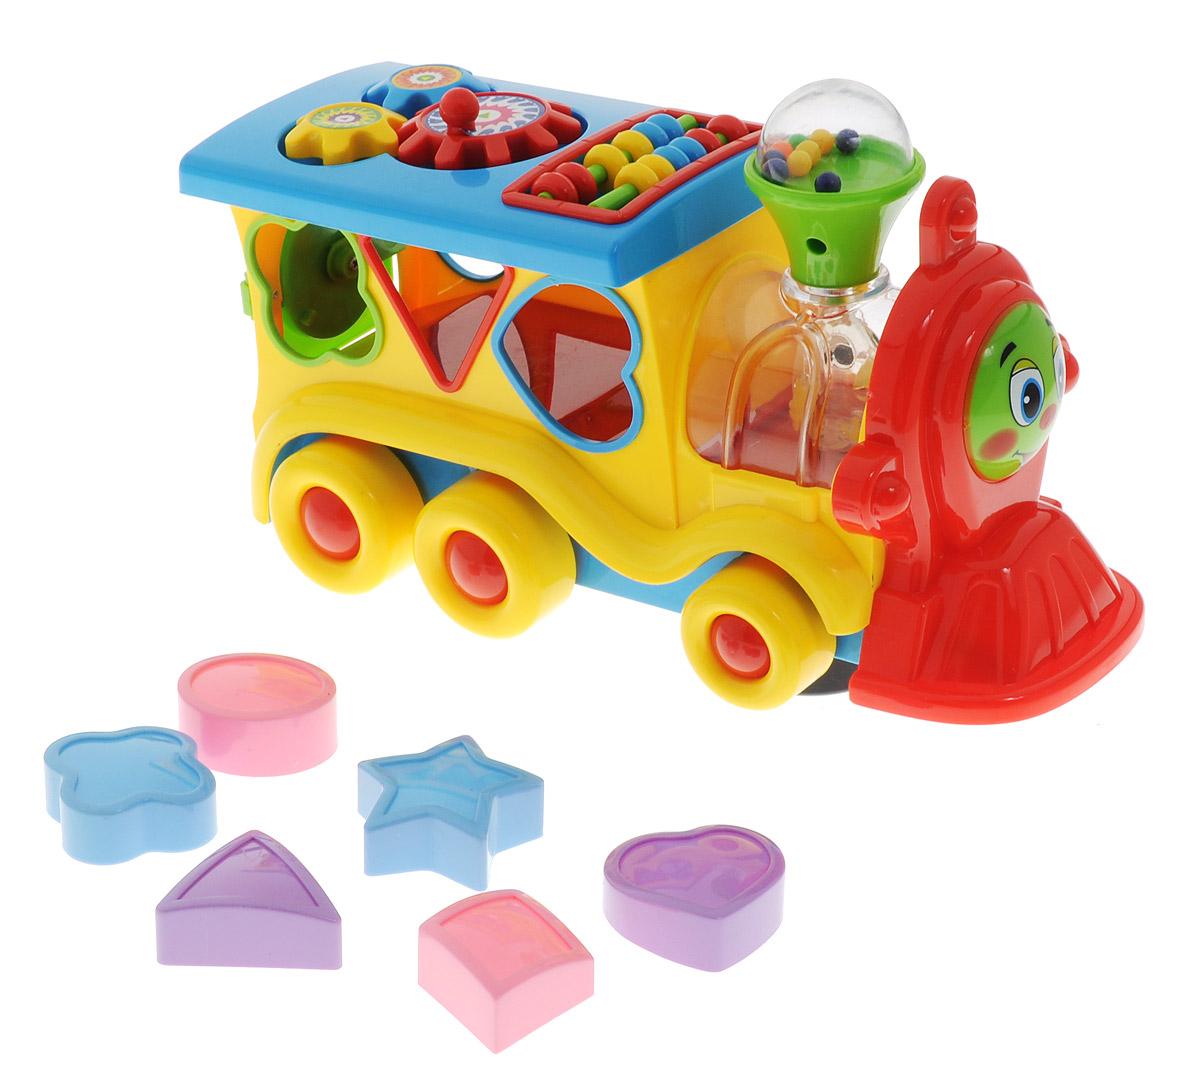 Умка Развивающая игрушка Обучающий паровозик цвет желтыйB746947-R_желтыйРазвивающая игрушка Умка Обучающий паровозик - лучший подарок для маленького ребенка. Ваш малыш разовьет музыкальные и сенсорные способности, наглядно-образное мышление и логико-математические способности. Звук паровоза и песня не дадут заскучать малышу. Играя с фигурами, он разовьет мелкую моторику и тактильные ощущения. С таким паровозиком день будет наполнен увлекательными и одновременно познавательными играми. Необходимо купить 3 батарейки напряжением 1,5V типа АА (не входят в комплект).